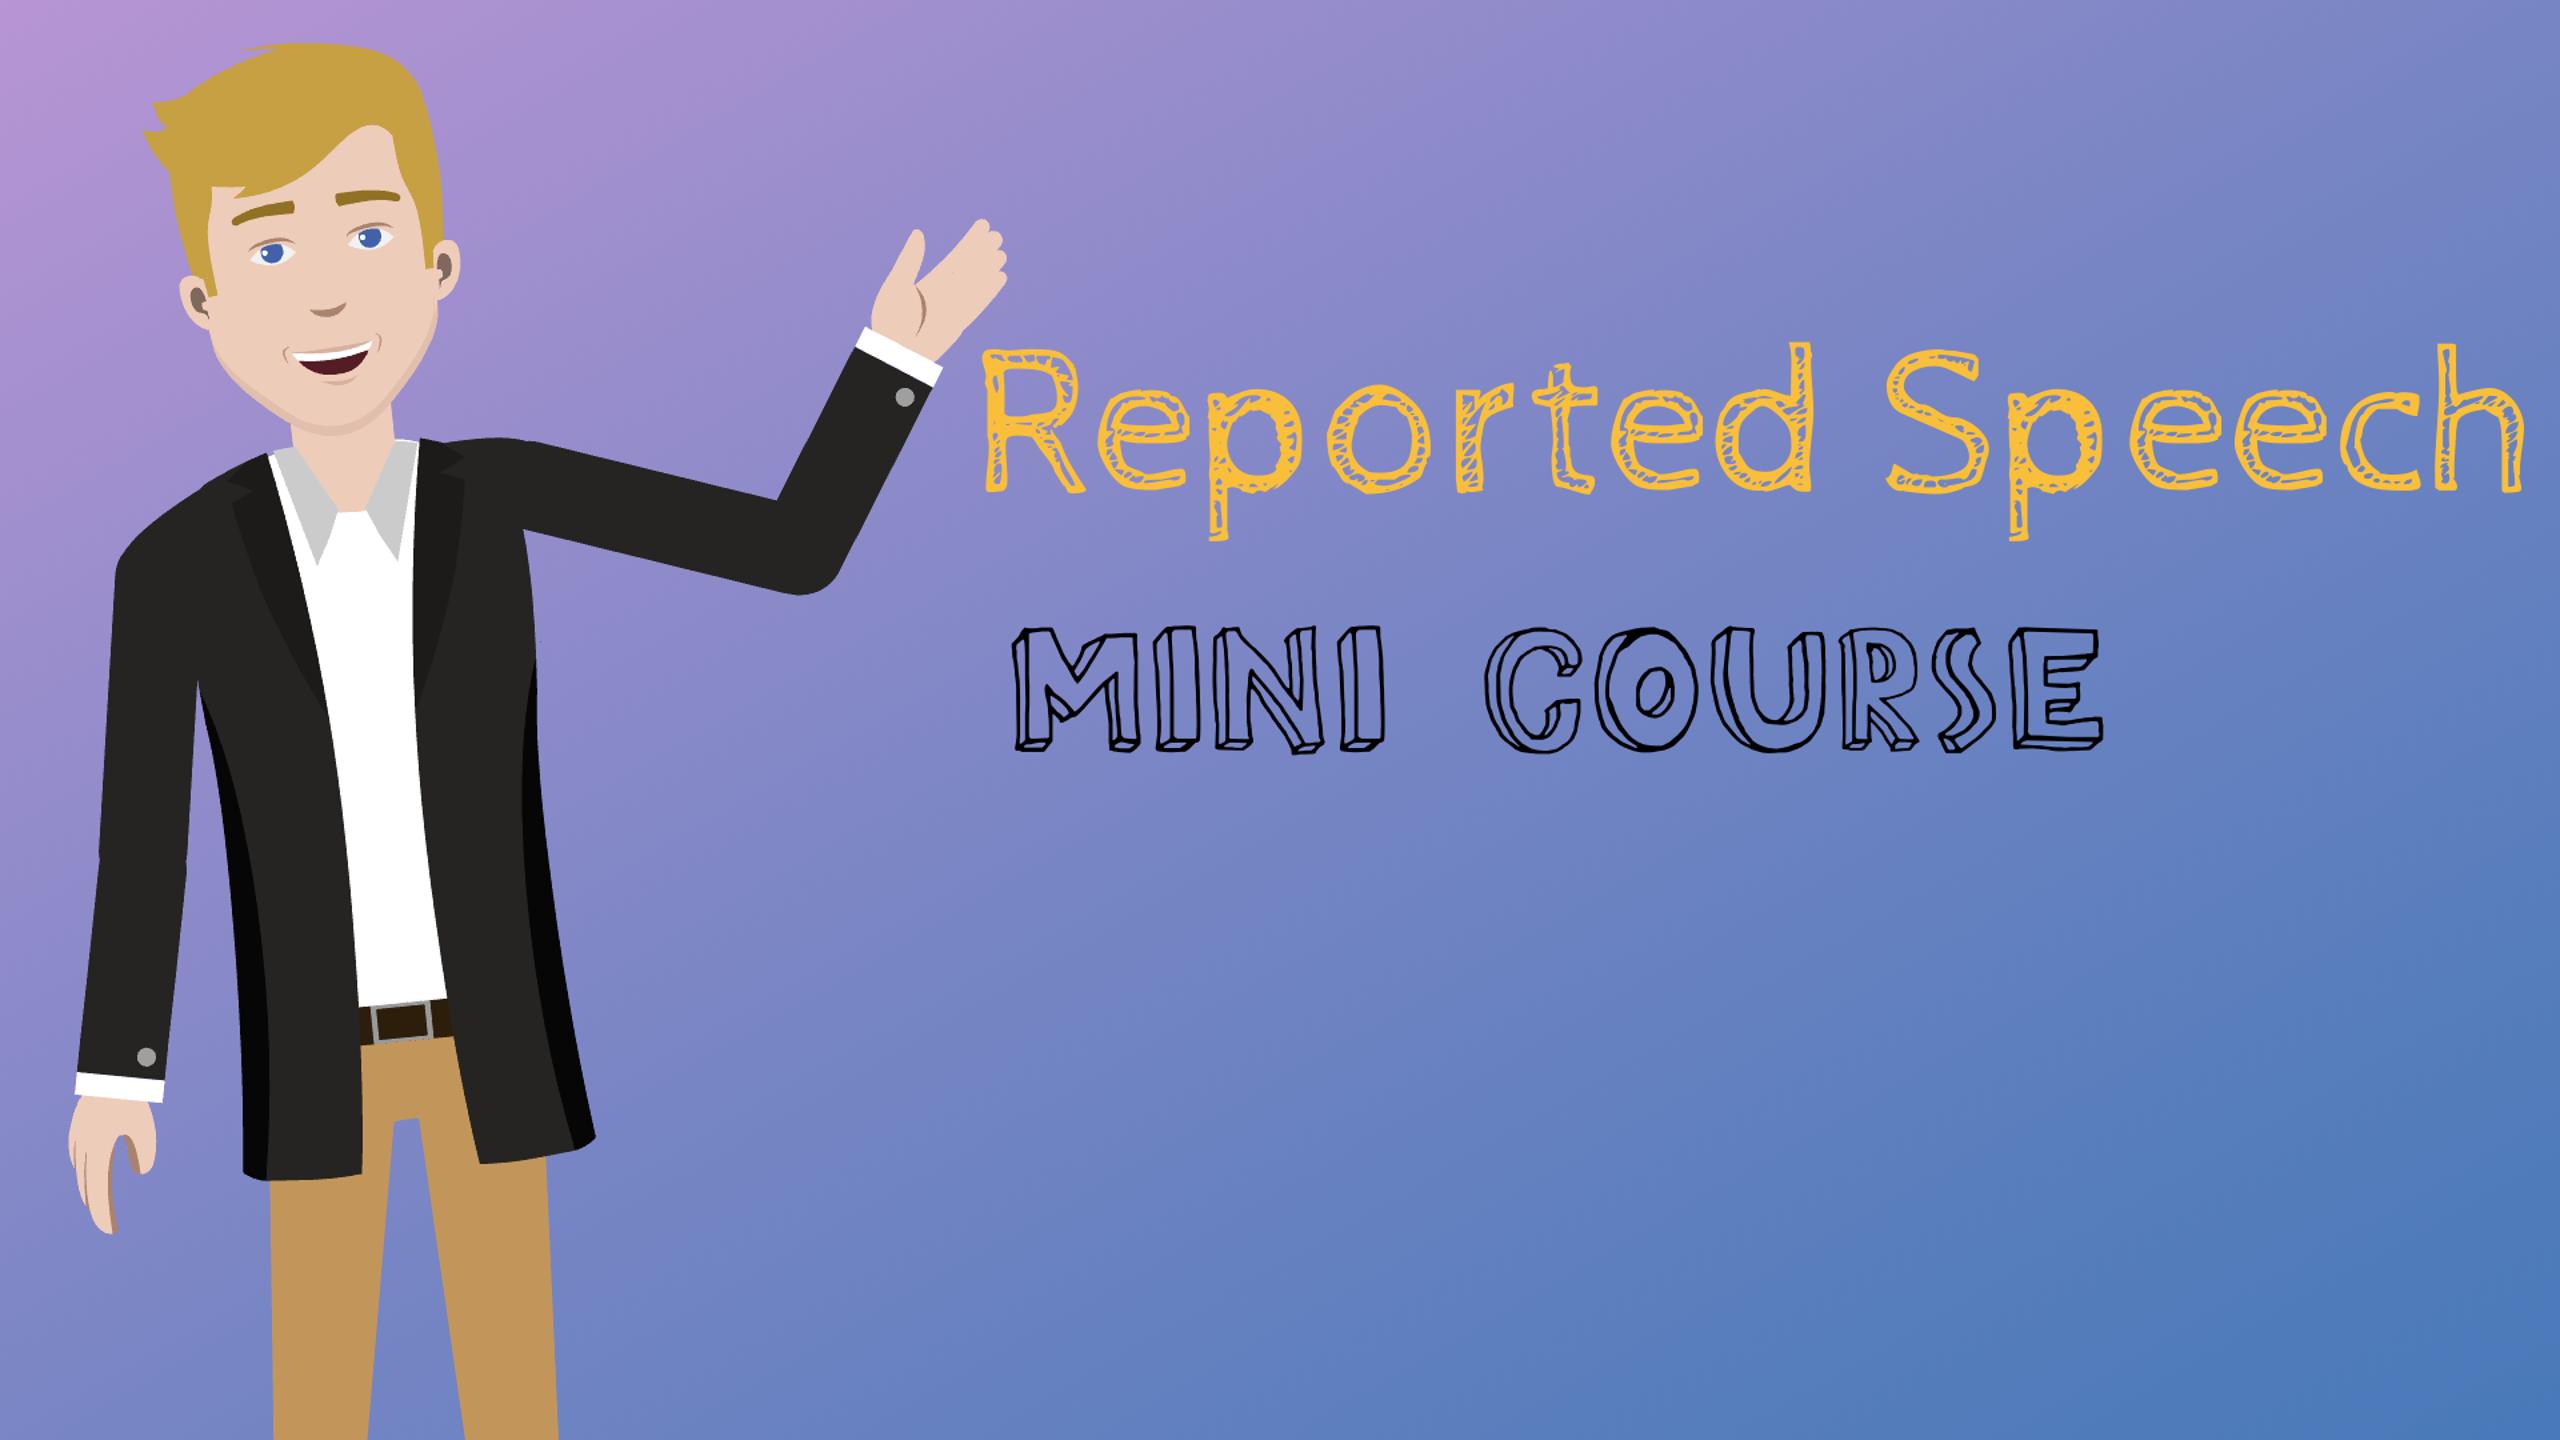 Reported speech mini course cover